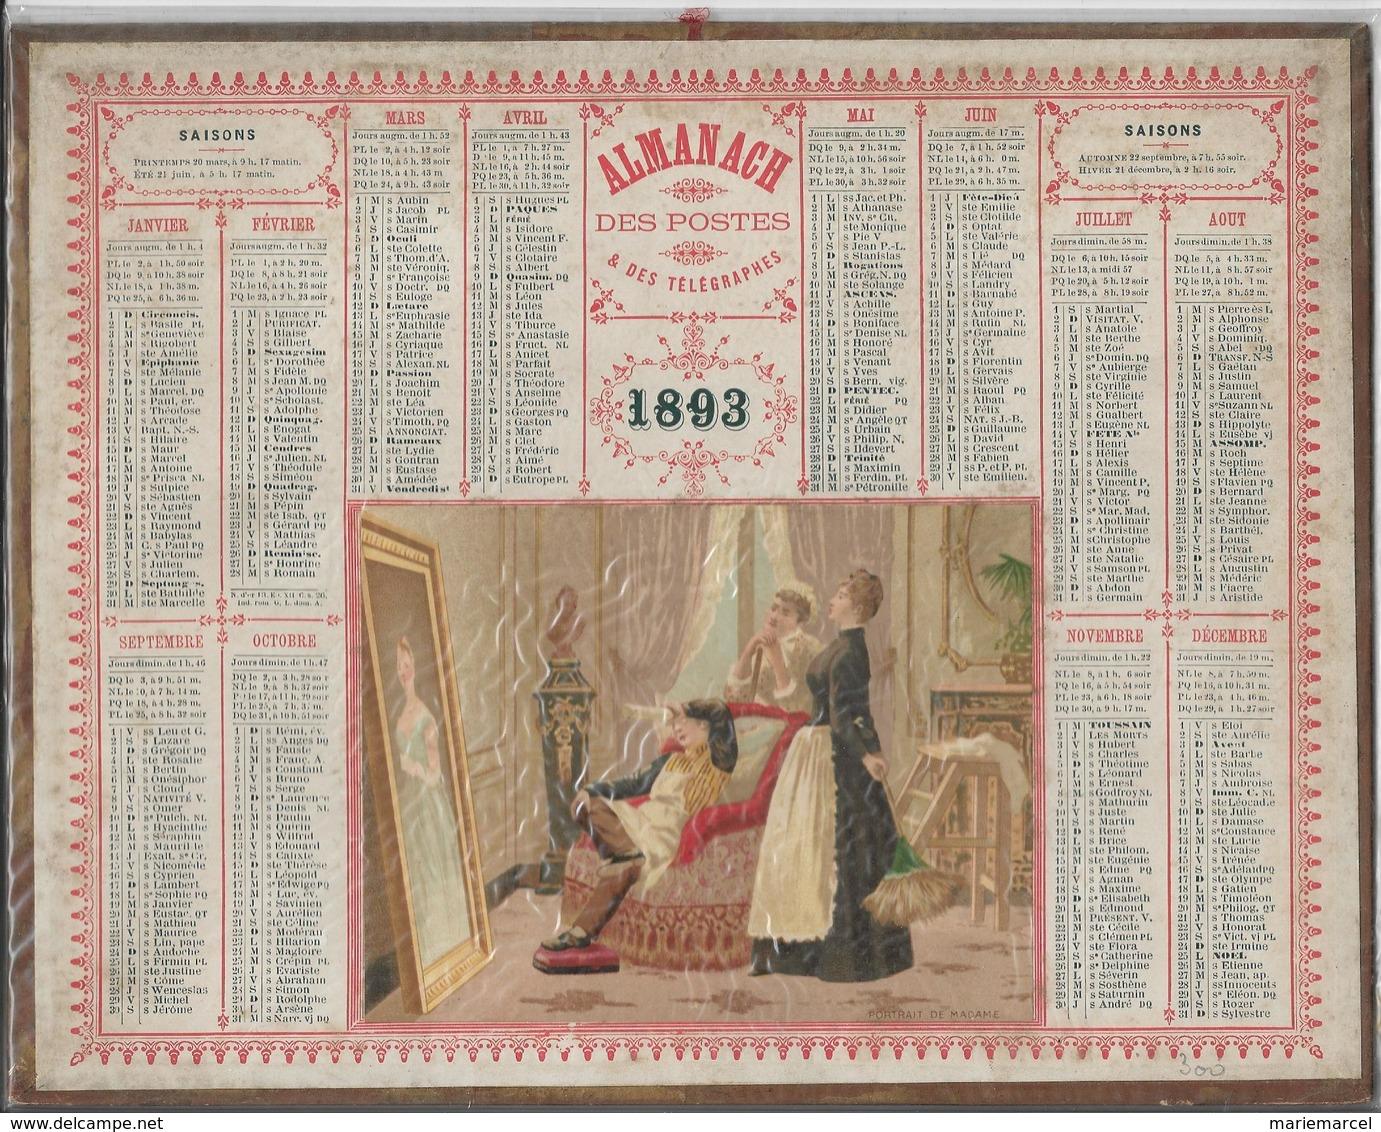 ALMANACH DES POSTES ET DES TELEGRAPHES - ANNEE 1893 - PORTRAIT DE MADAME (Employés Regardant Le Cadre) - Calendari